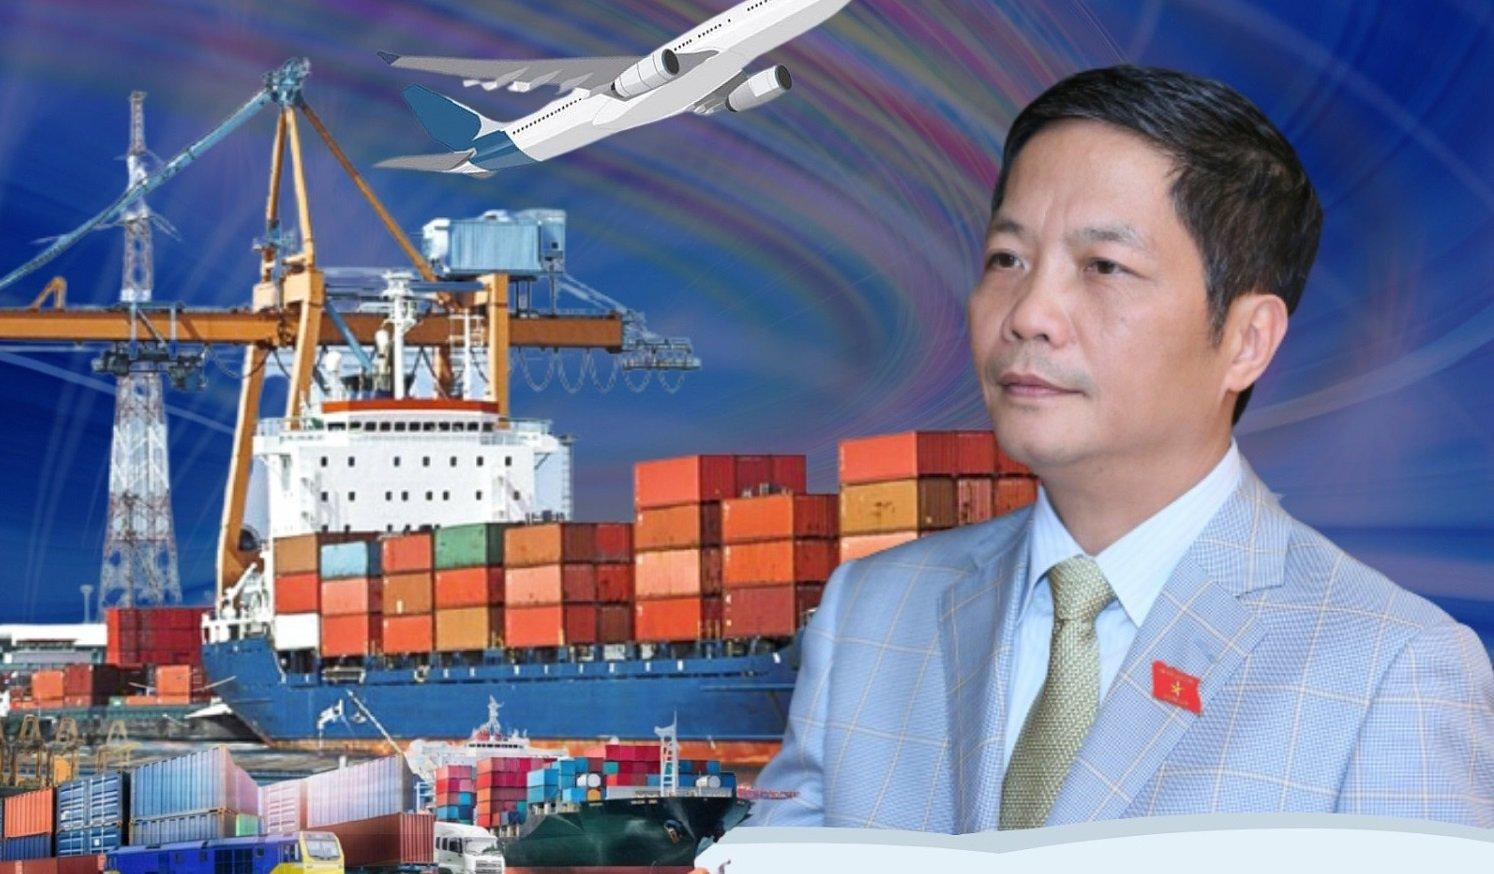 """Bộ trưởng Bộ Công Thương Trần Tuấn Anh: """"Cao tốc"""" hội nhập của Việt Nam tiếp tục rộng mở"""